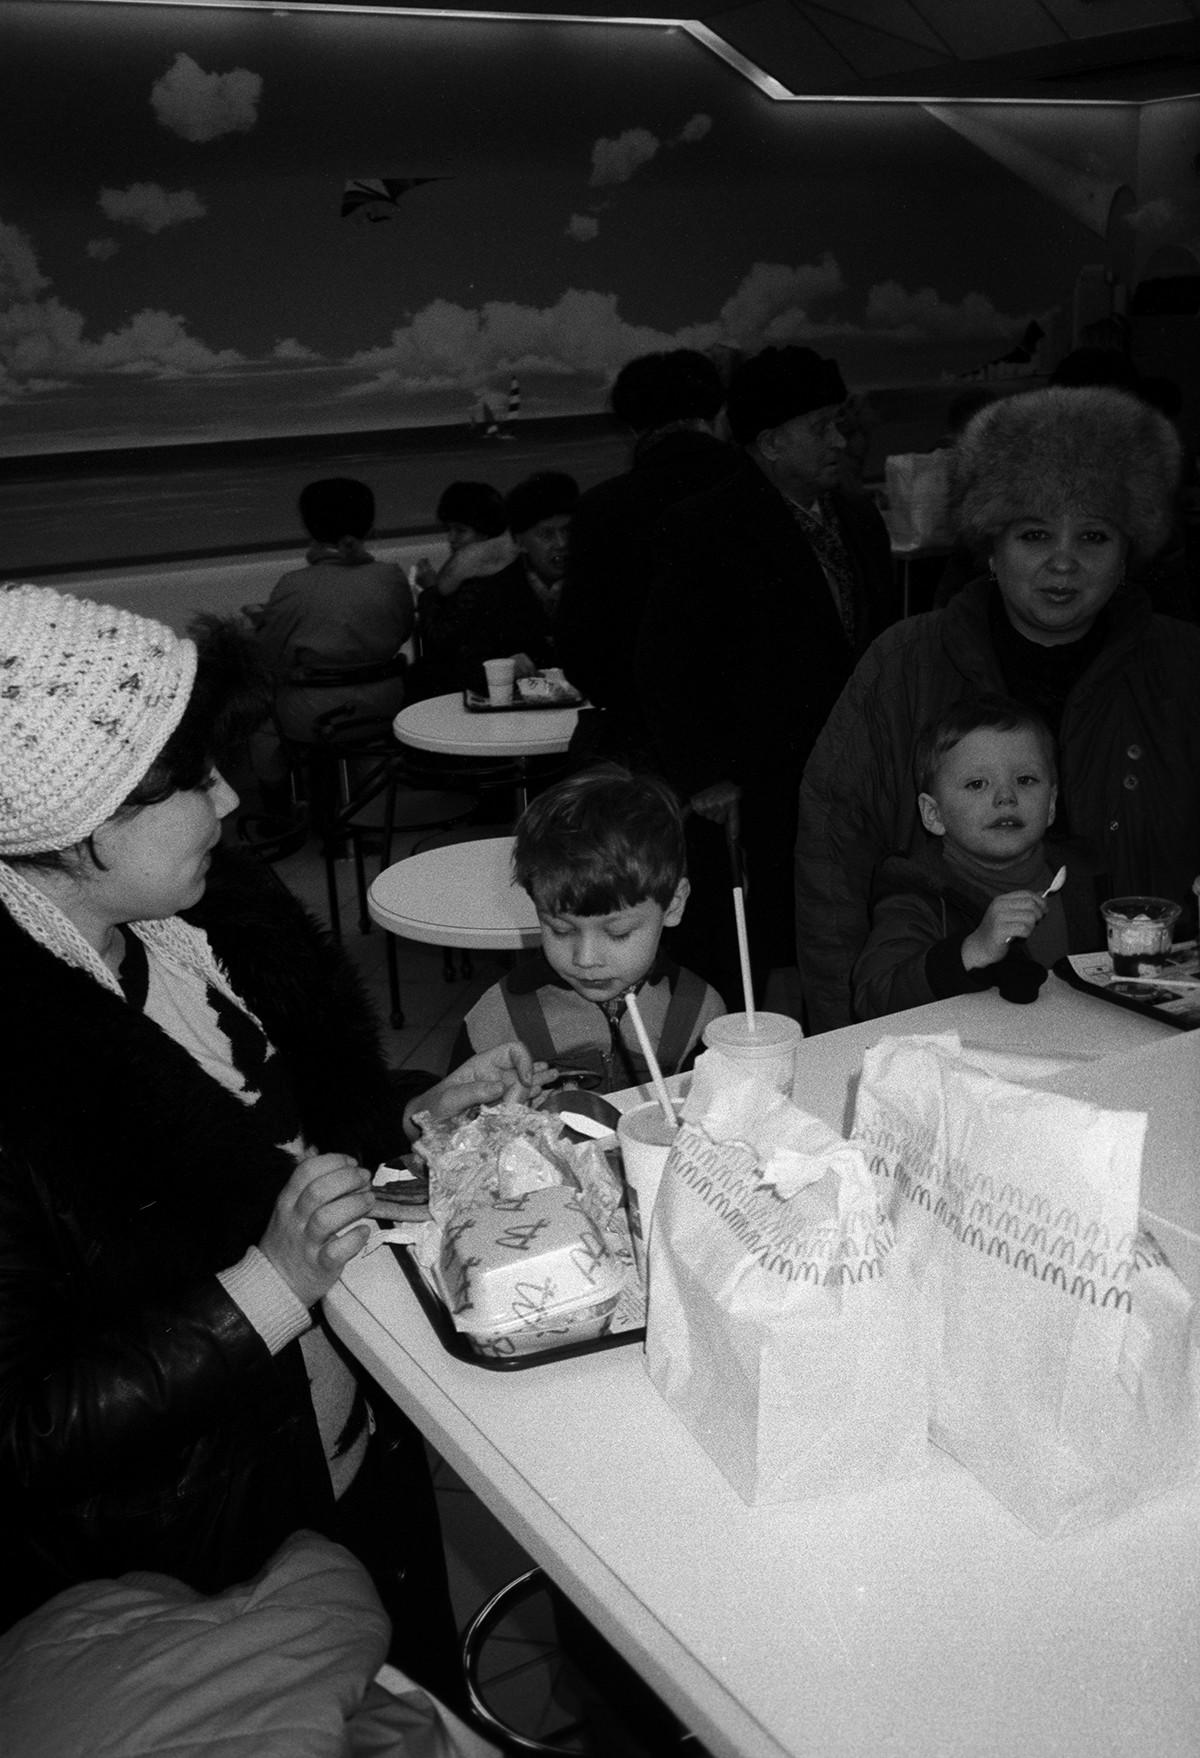 Bei der Eröffnung des ersten McDonalds-Restaurants in Moskau, 1990.